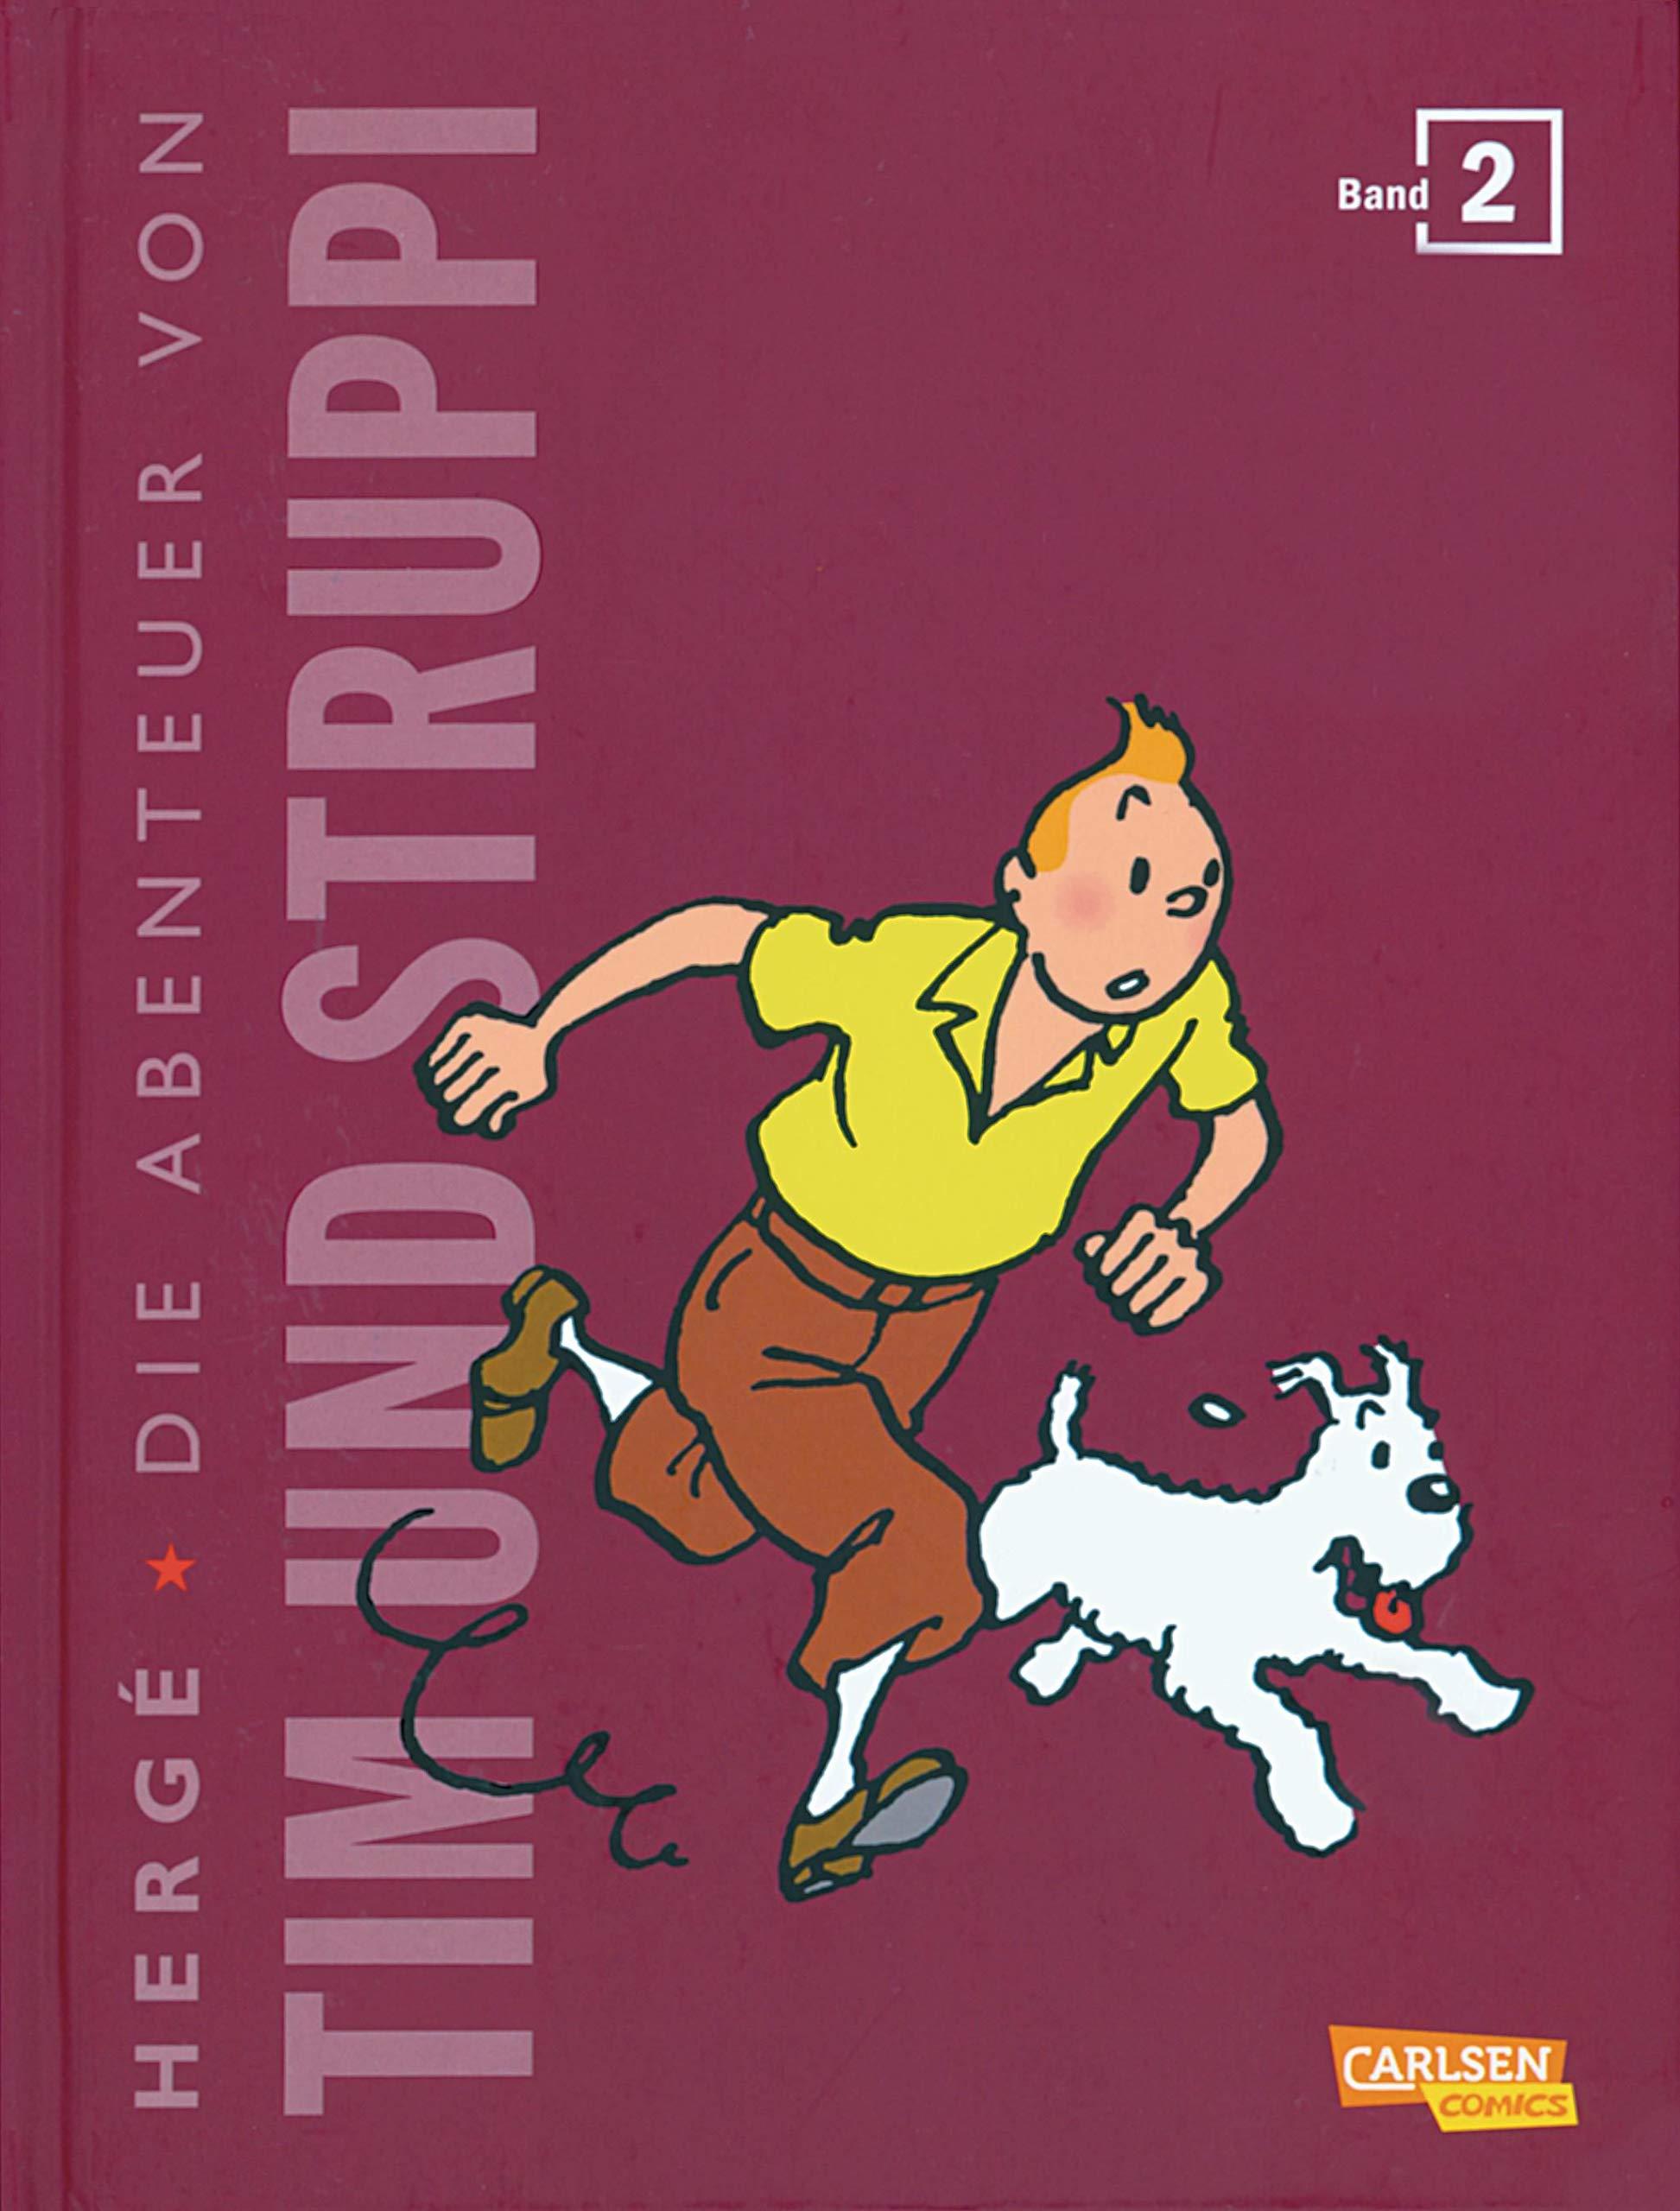 Tim Und Struppi Kompaktausgabe 2  2